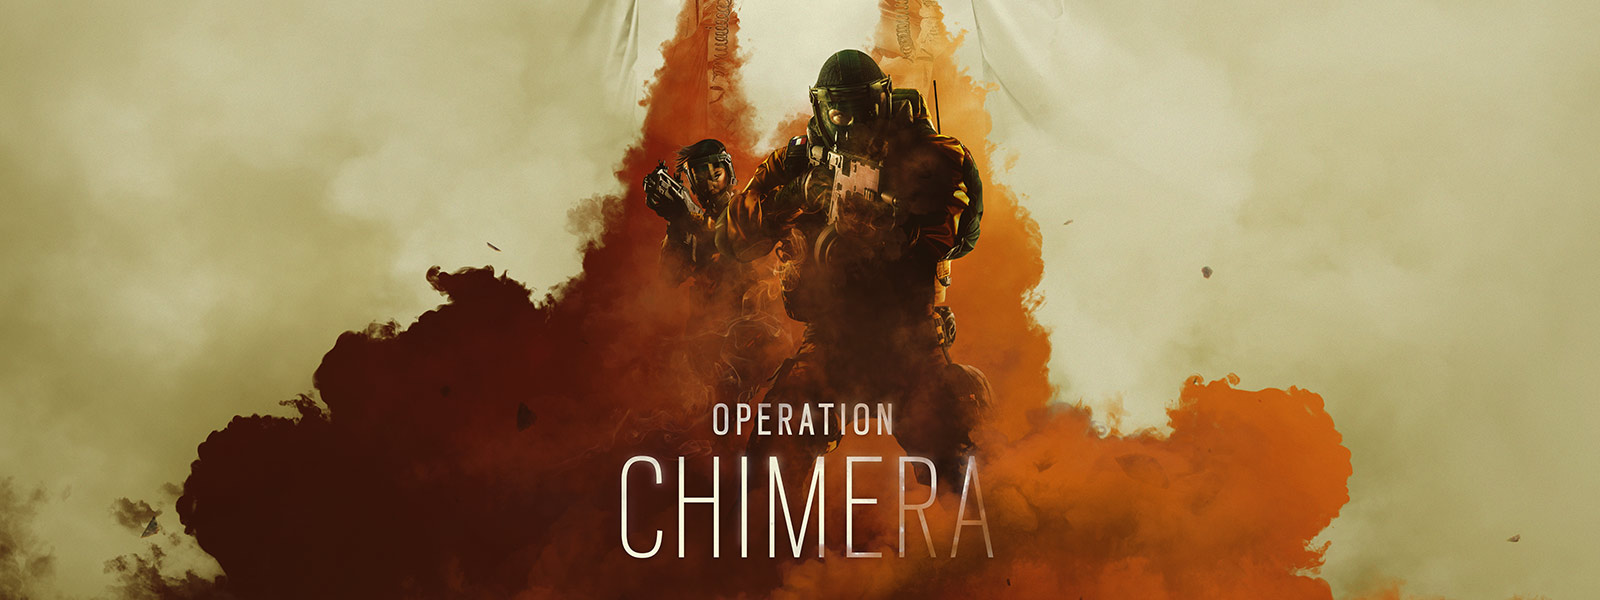 Operation Chimera – zwei Operator tragen Gasmasken und gehen durch orangefarbenes Gas